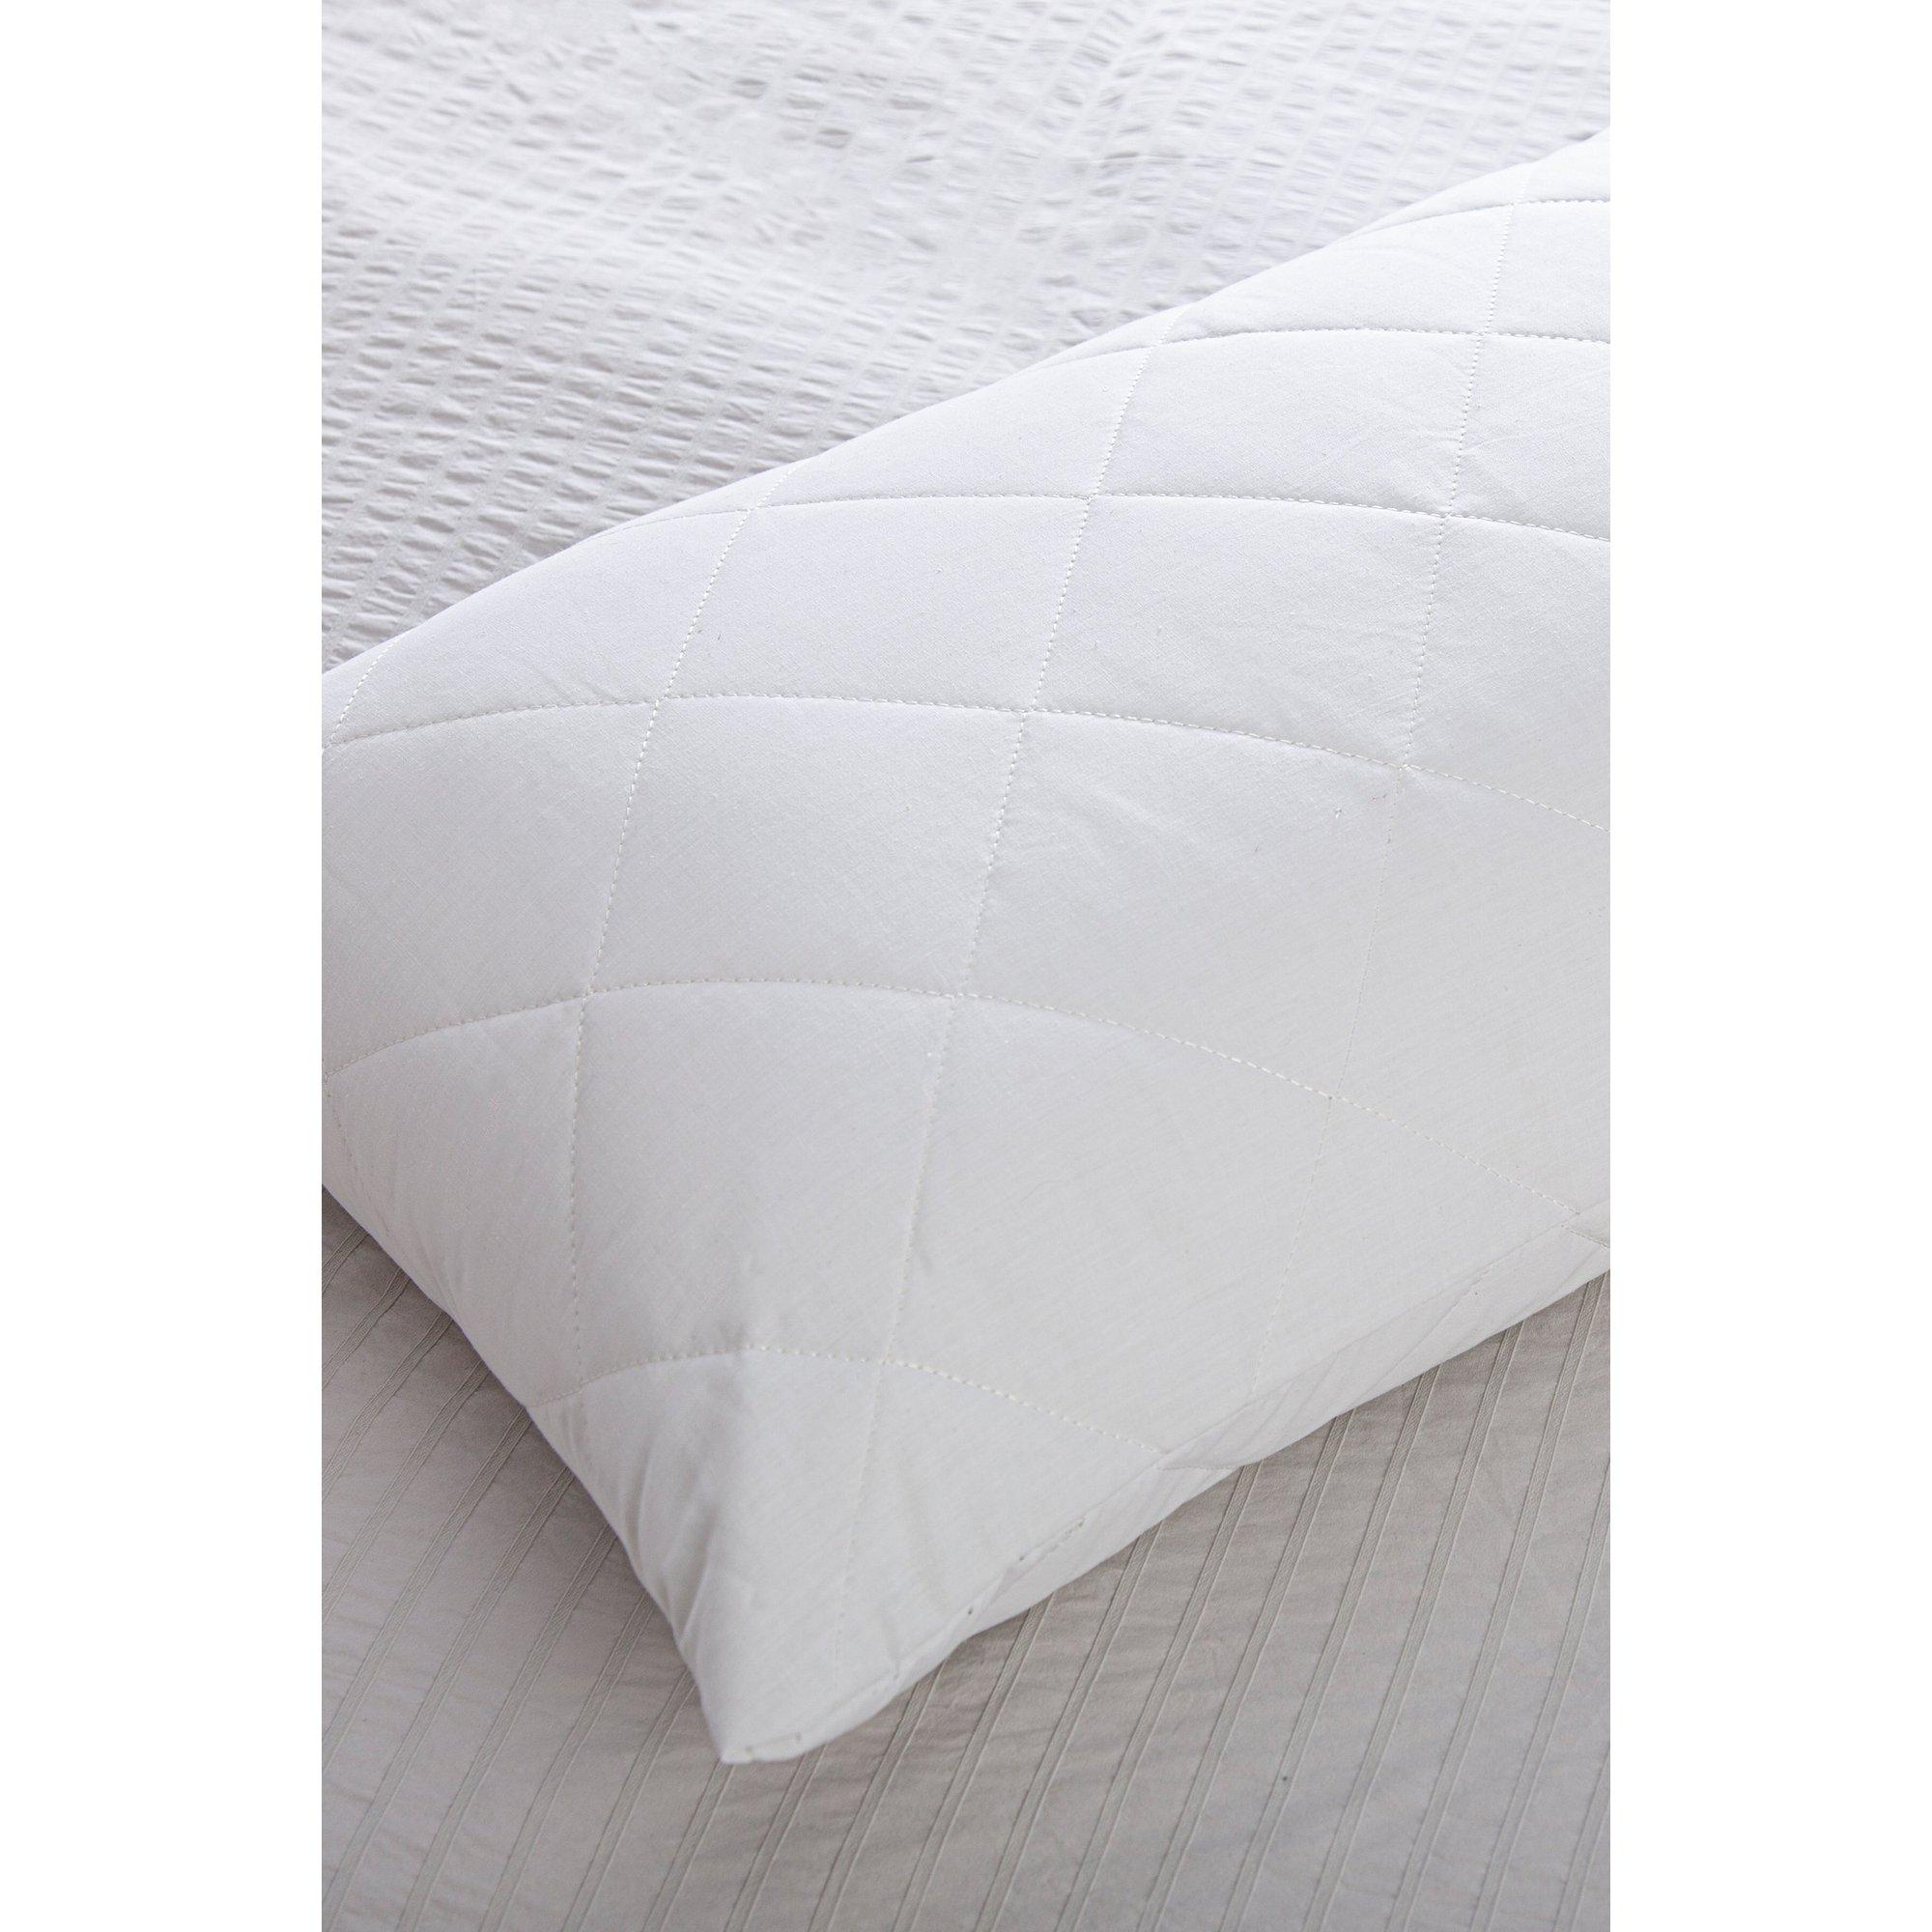 Image of Slumberdown Teflon Pair of Pillow Protectors